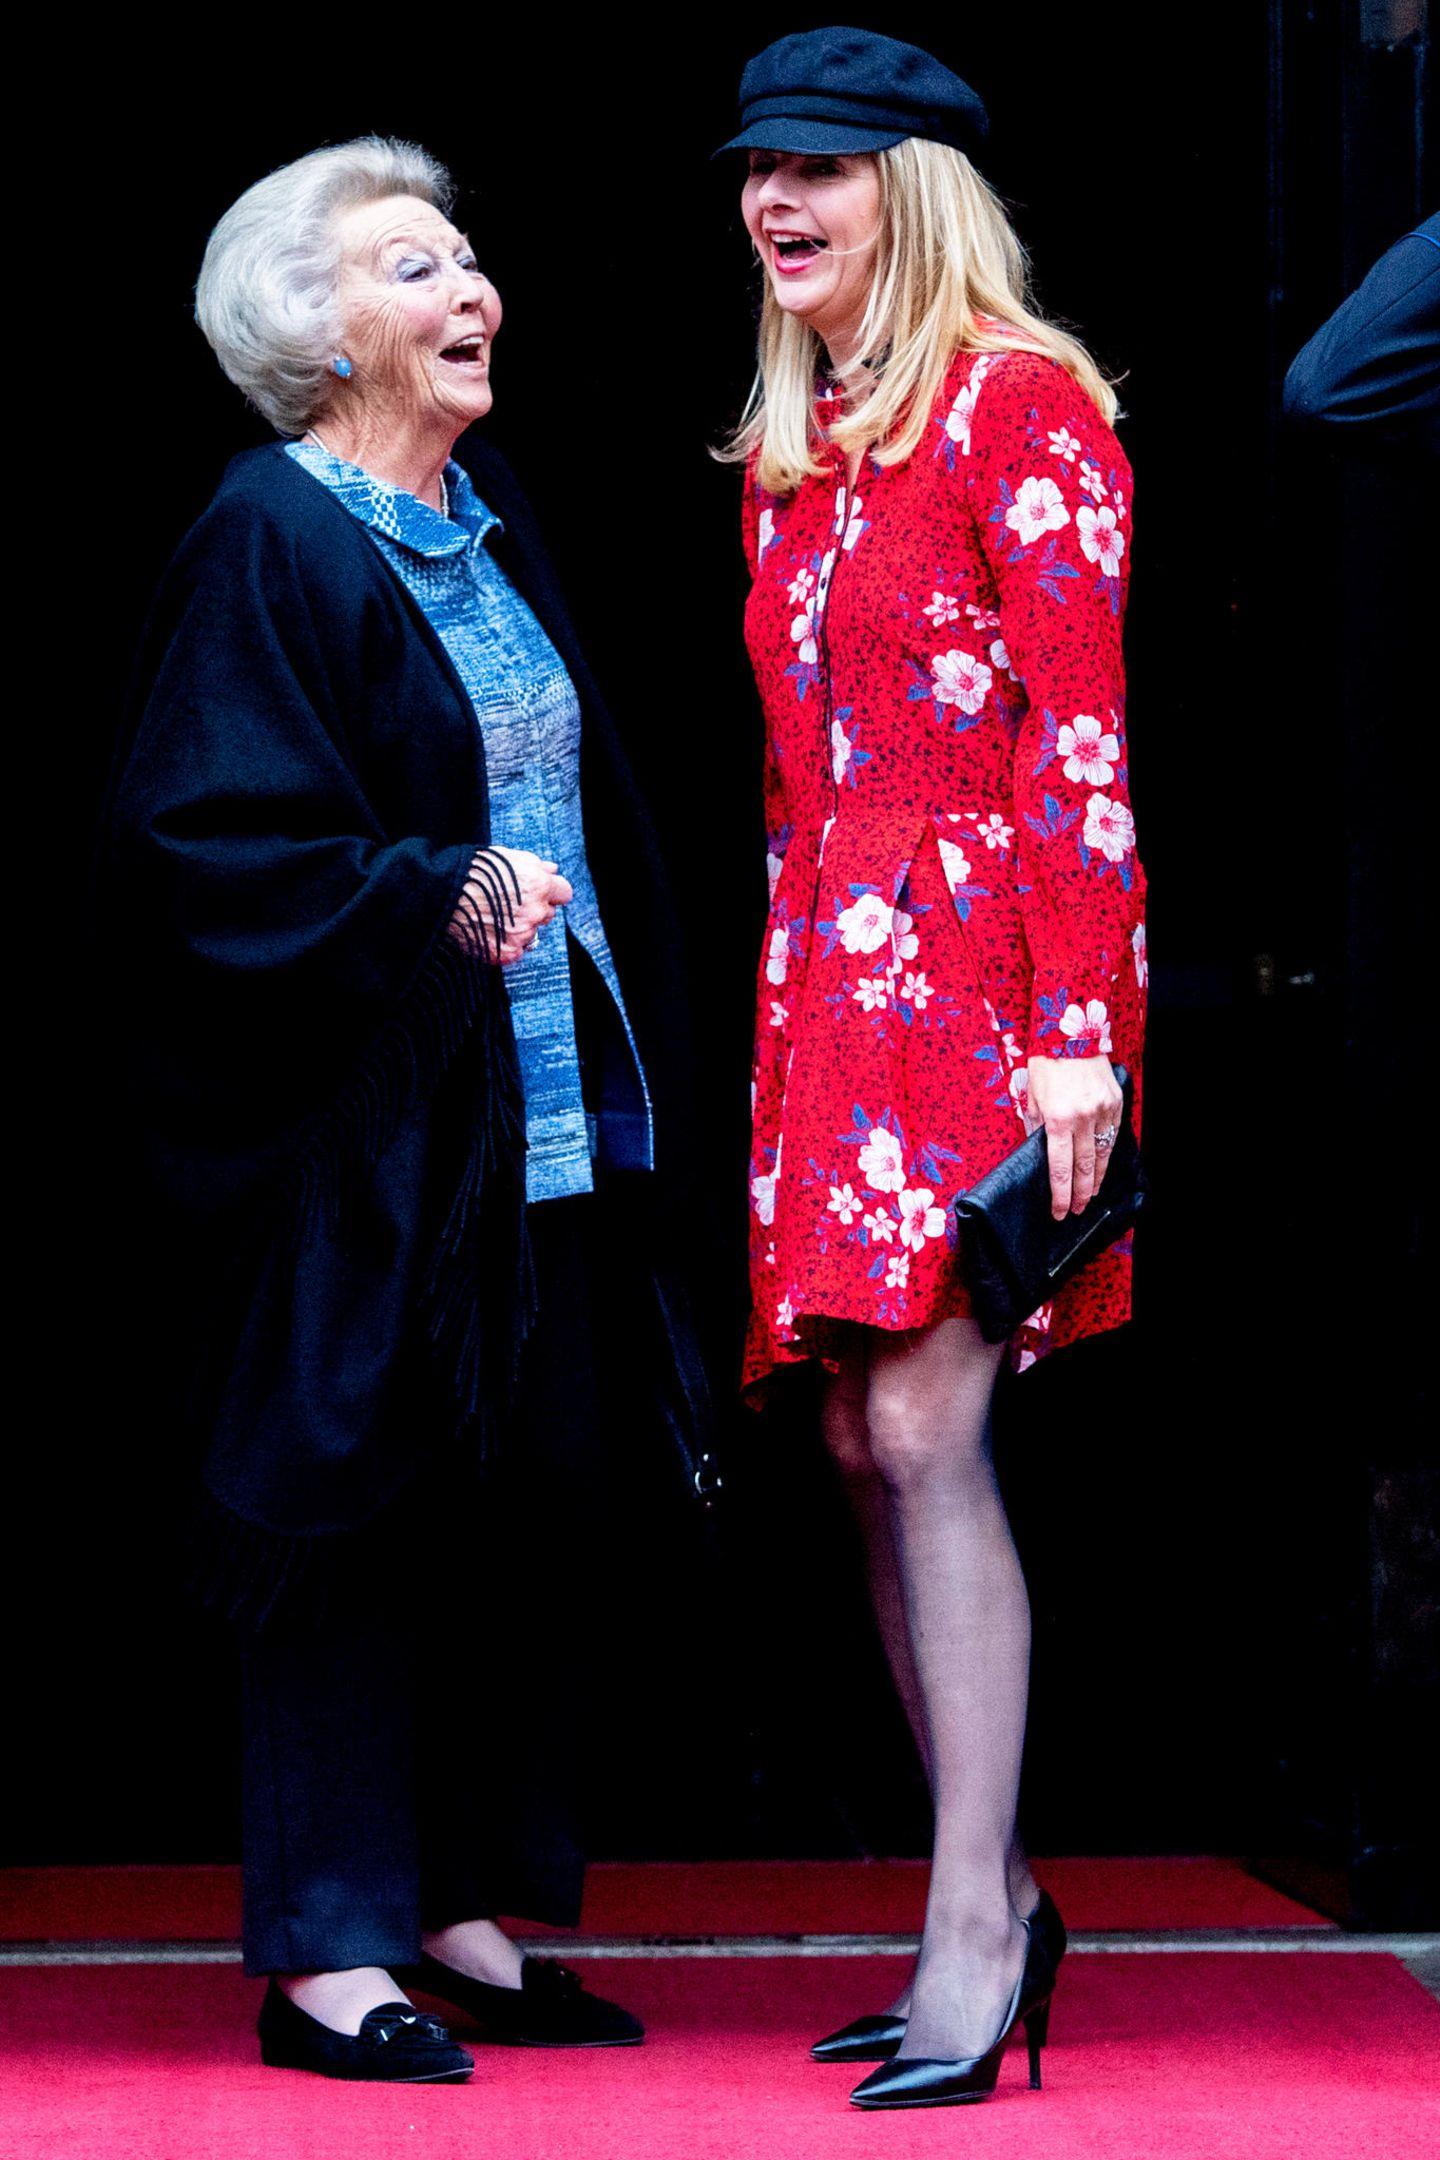 Herrlich sympathisch! Prinzessin Beatrix und ihre Schwiegertochter Mabel nehmen das Mode-Malheur mit Humor und können sich sichtlich darüber amüsieren.